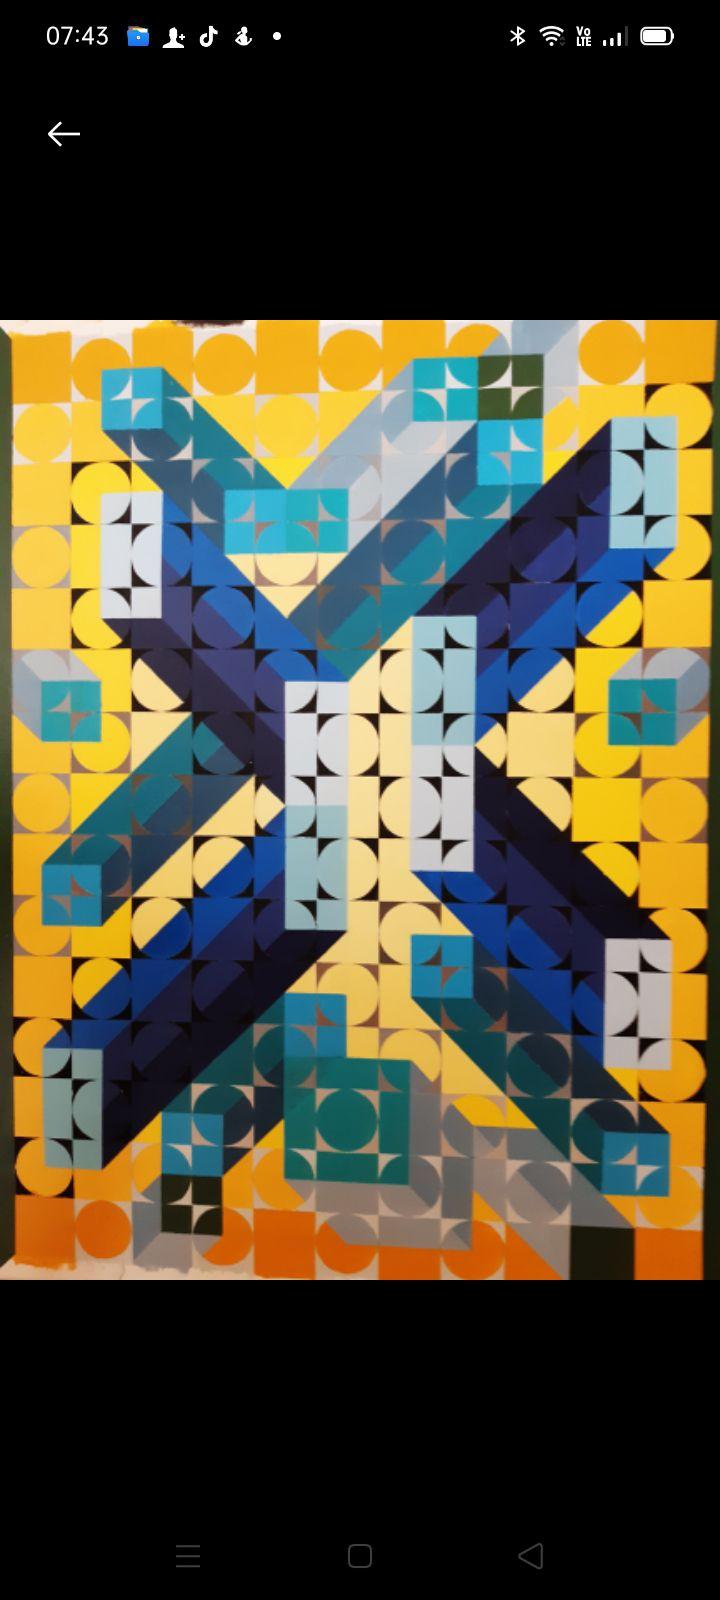 Un artiste par semaine Expo de Nicolas Duflot du 26 juillet au 1 er Août 2021 à la galerie Meignaud de la Porte d'Ardon à Laon